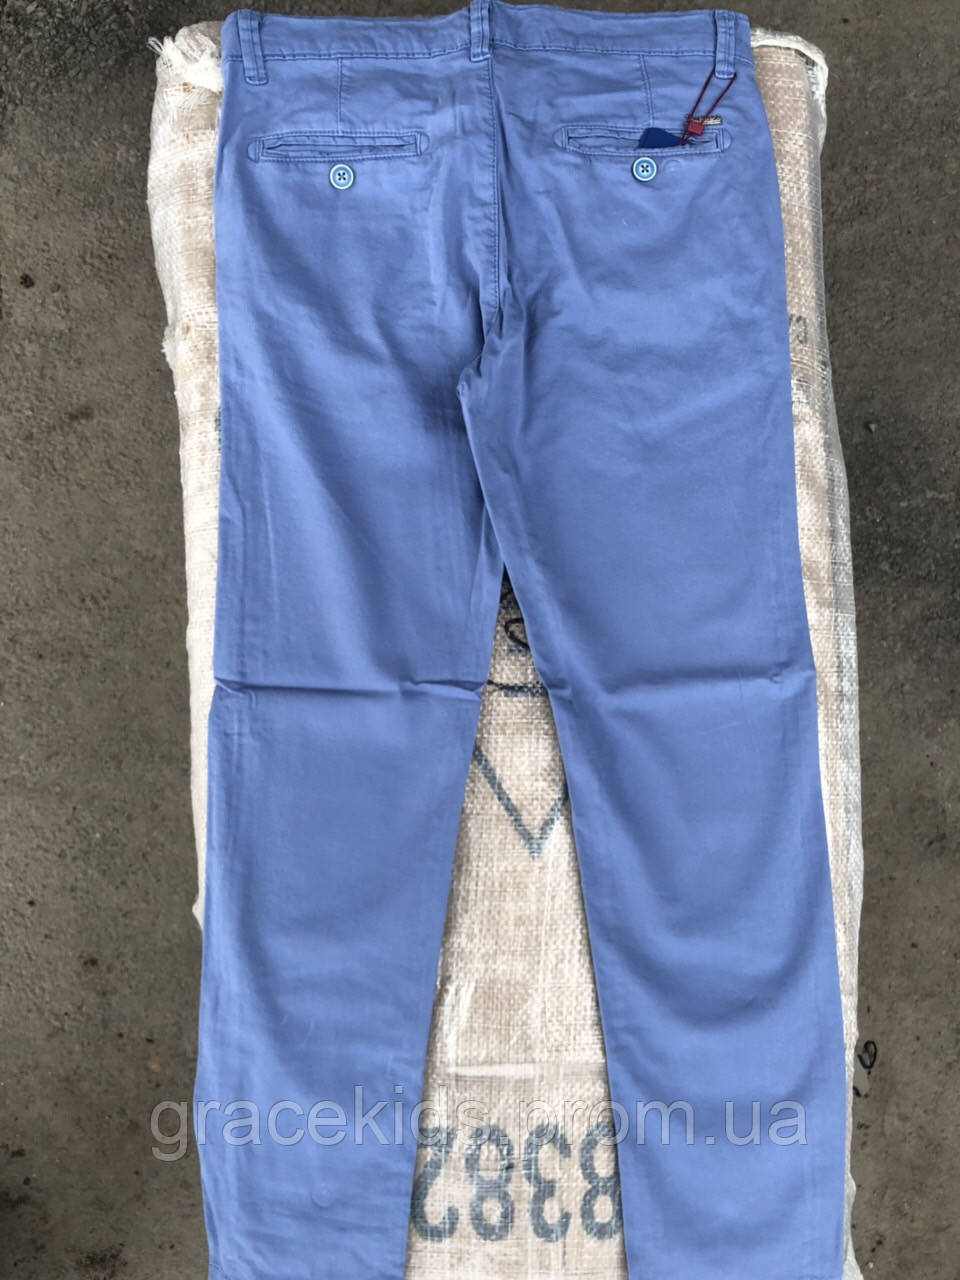 Котоновые брюки для мальчиков подростков Cool Finish,разм 11-15 лет